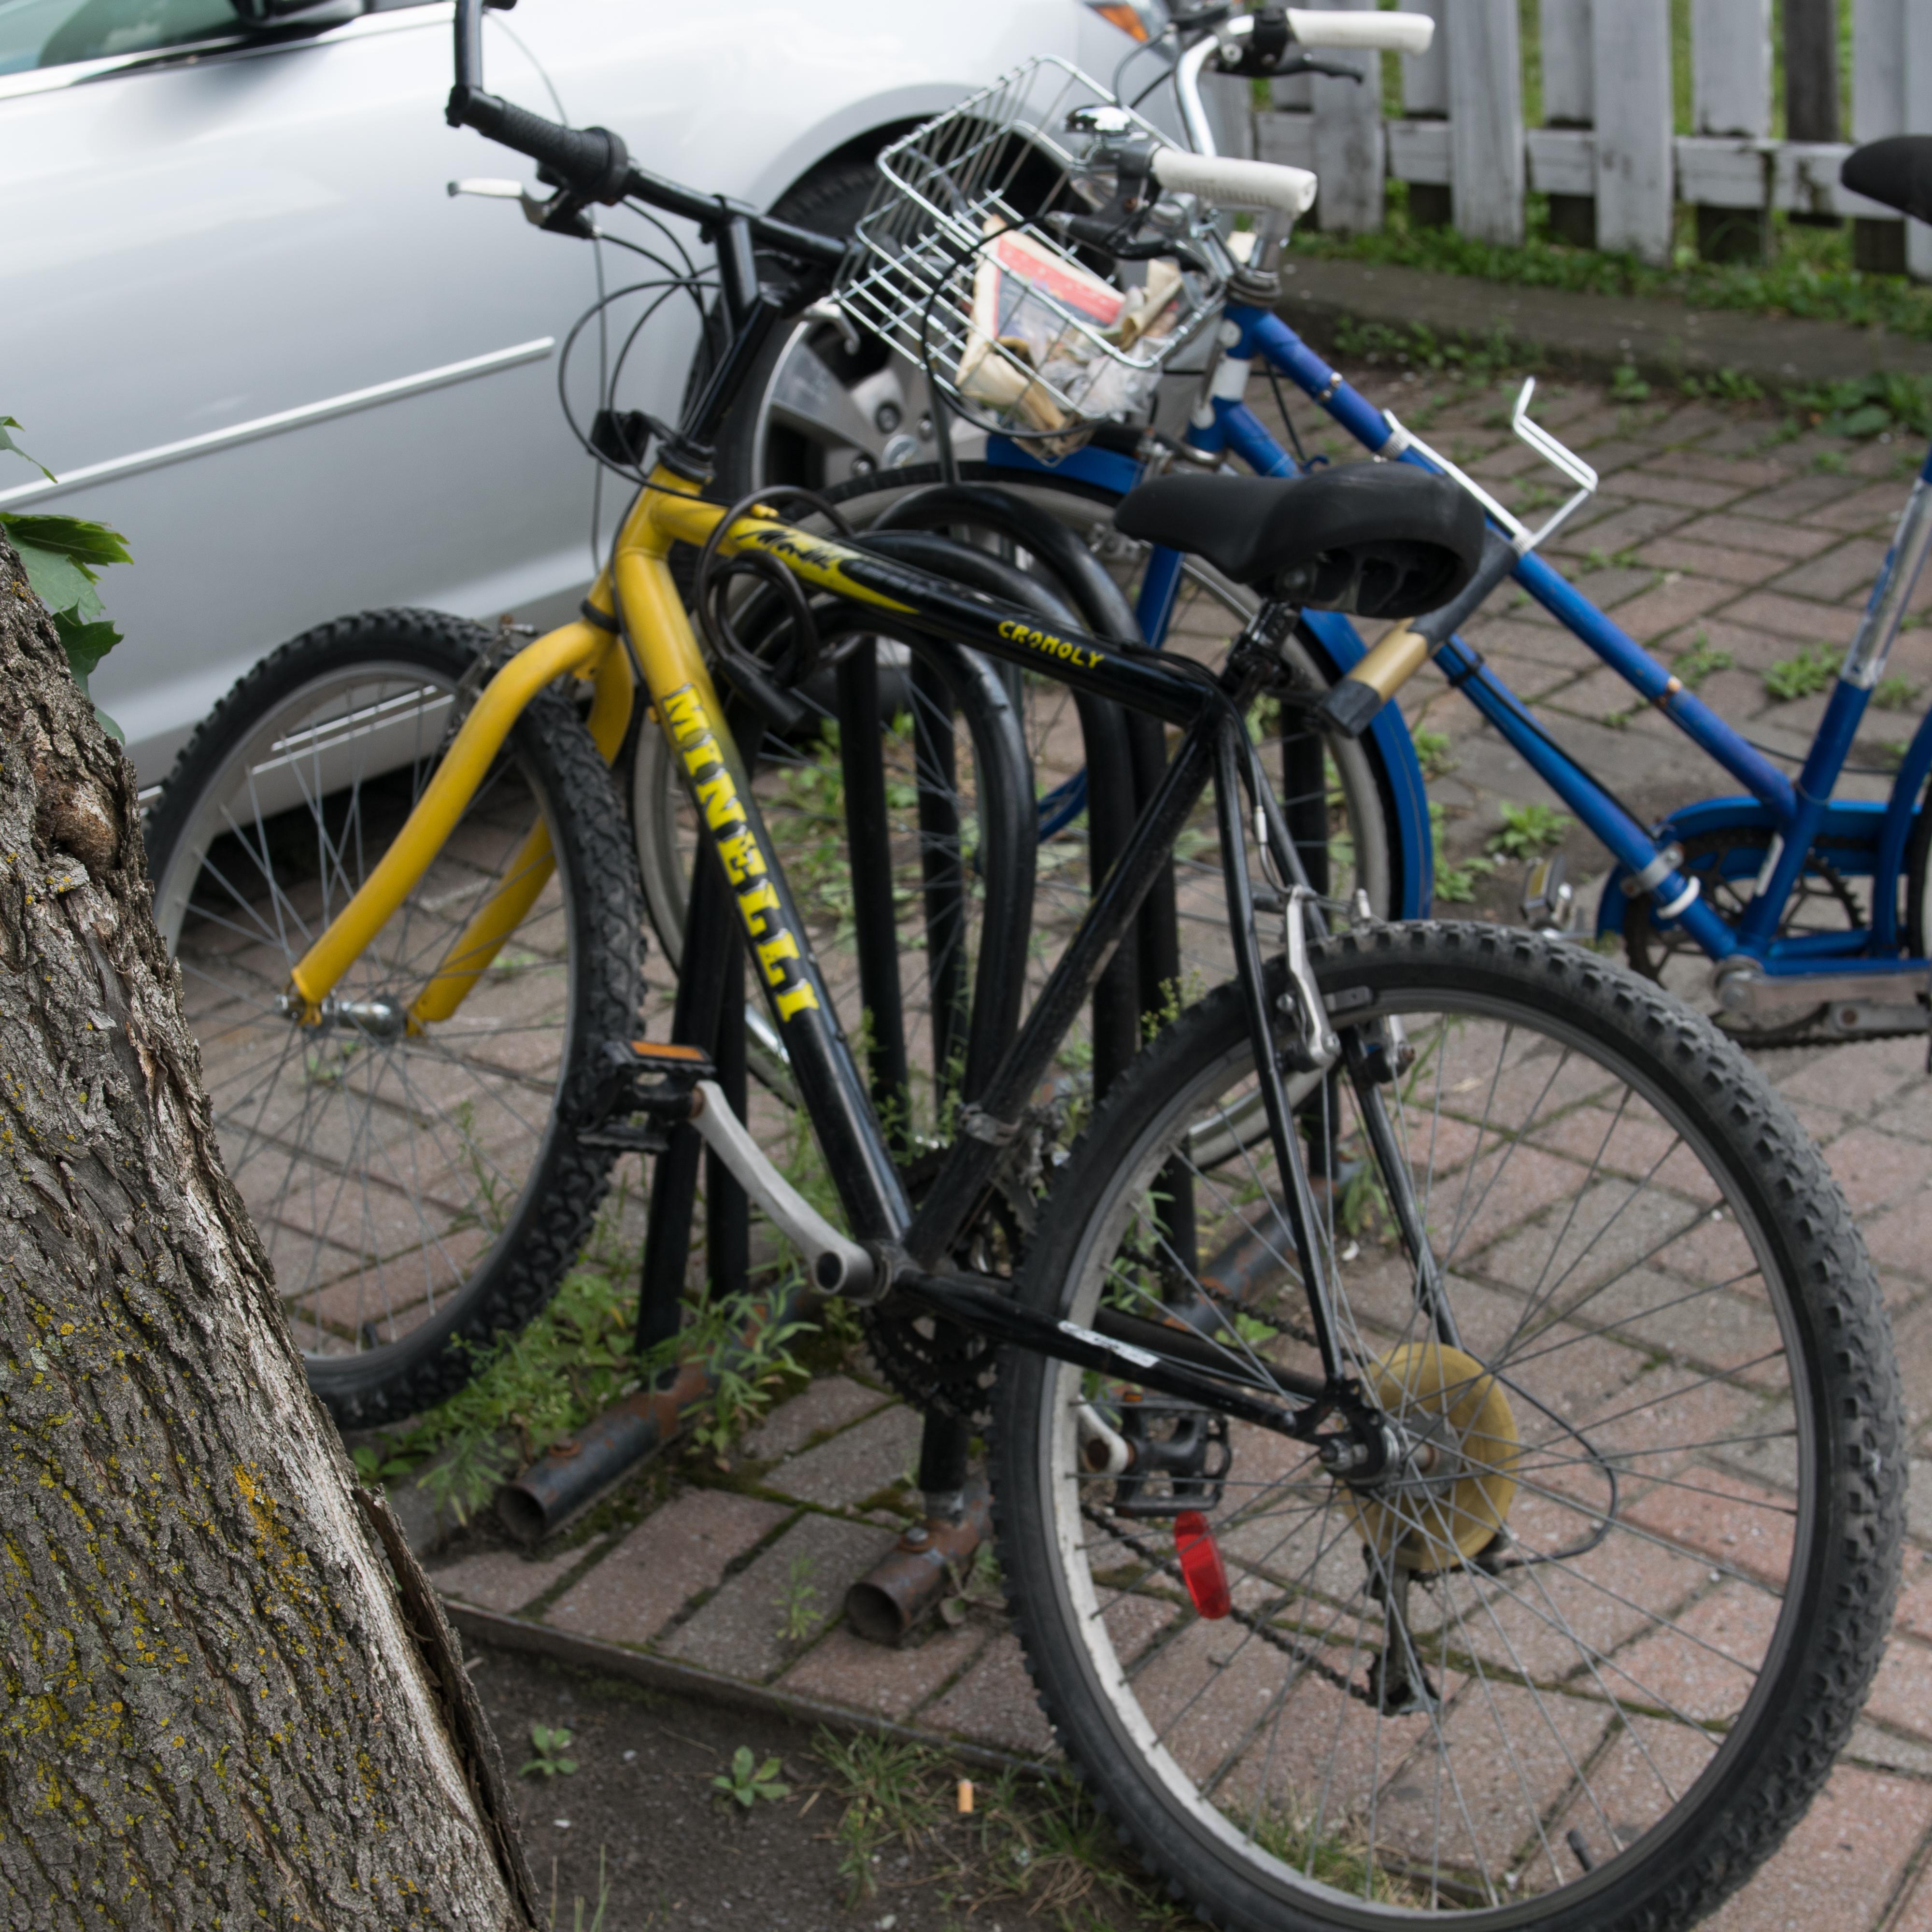 17-08-07-Fahrräder-Montreal-RalfR-DSC 4421.jpg